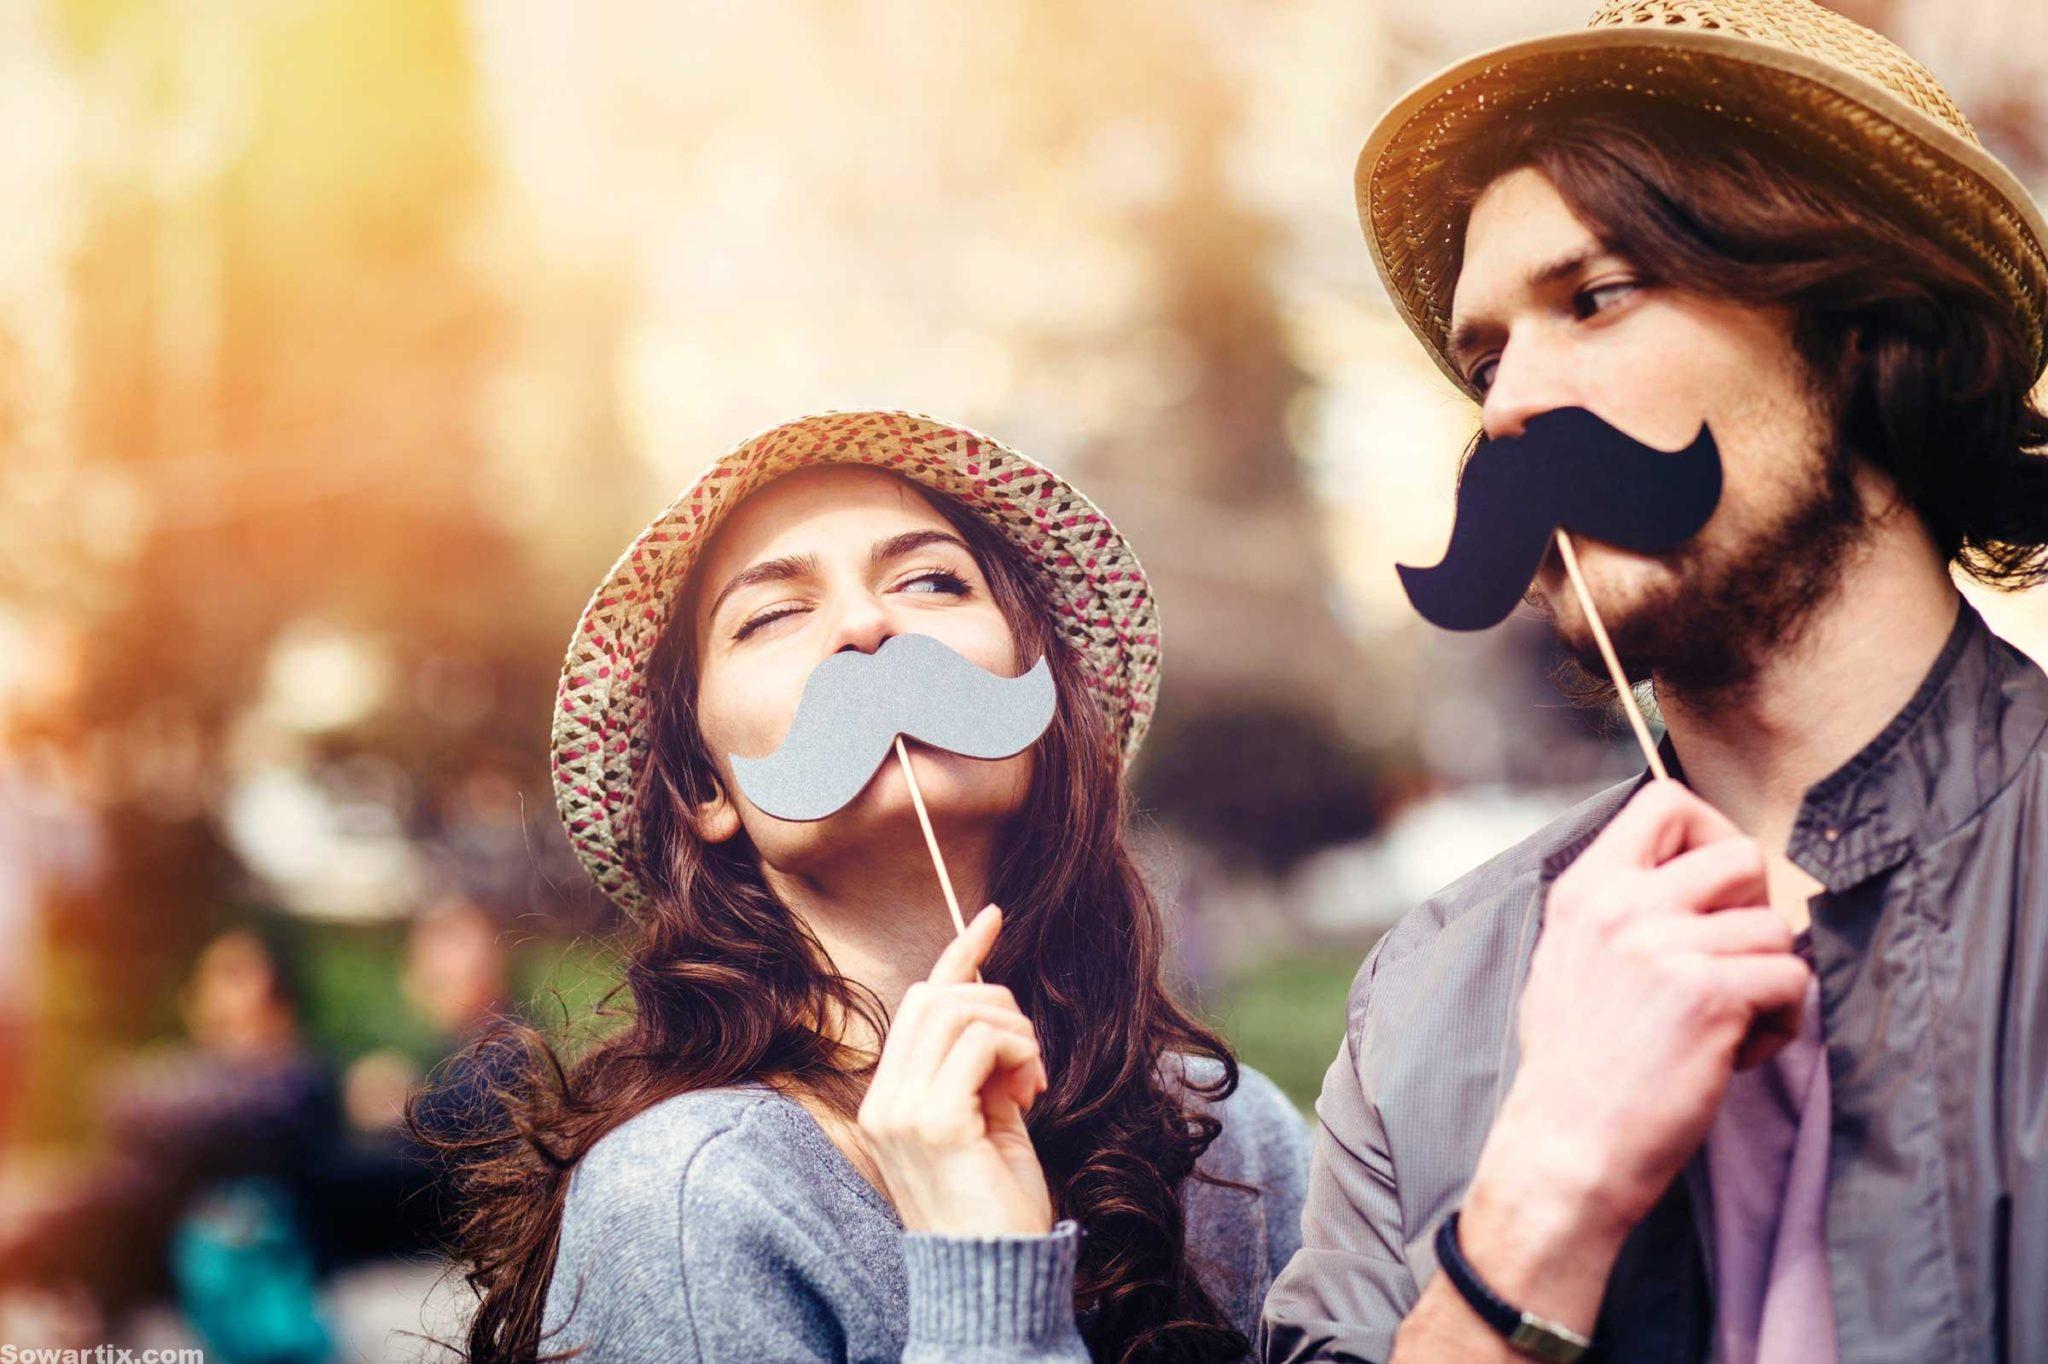 بالصور تنزيل صور رومانسيه , الرومانسيه واشياء تتطلب ان تفعلها للرومانسيه 5216 1